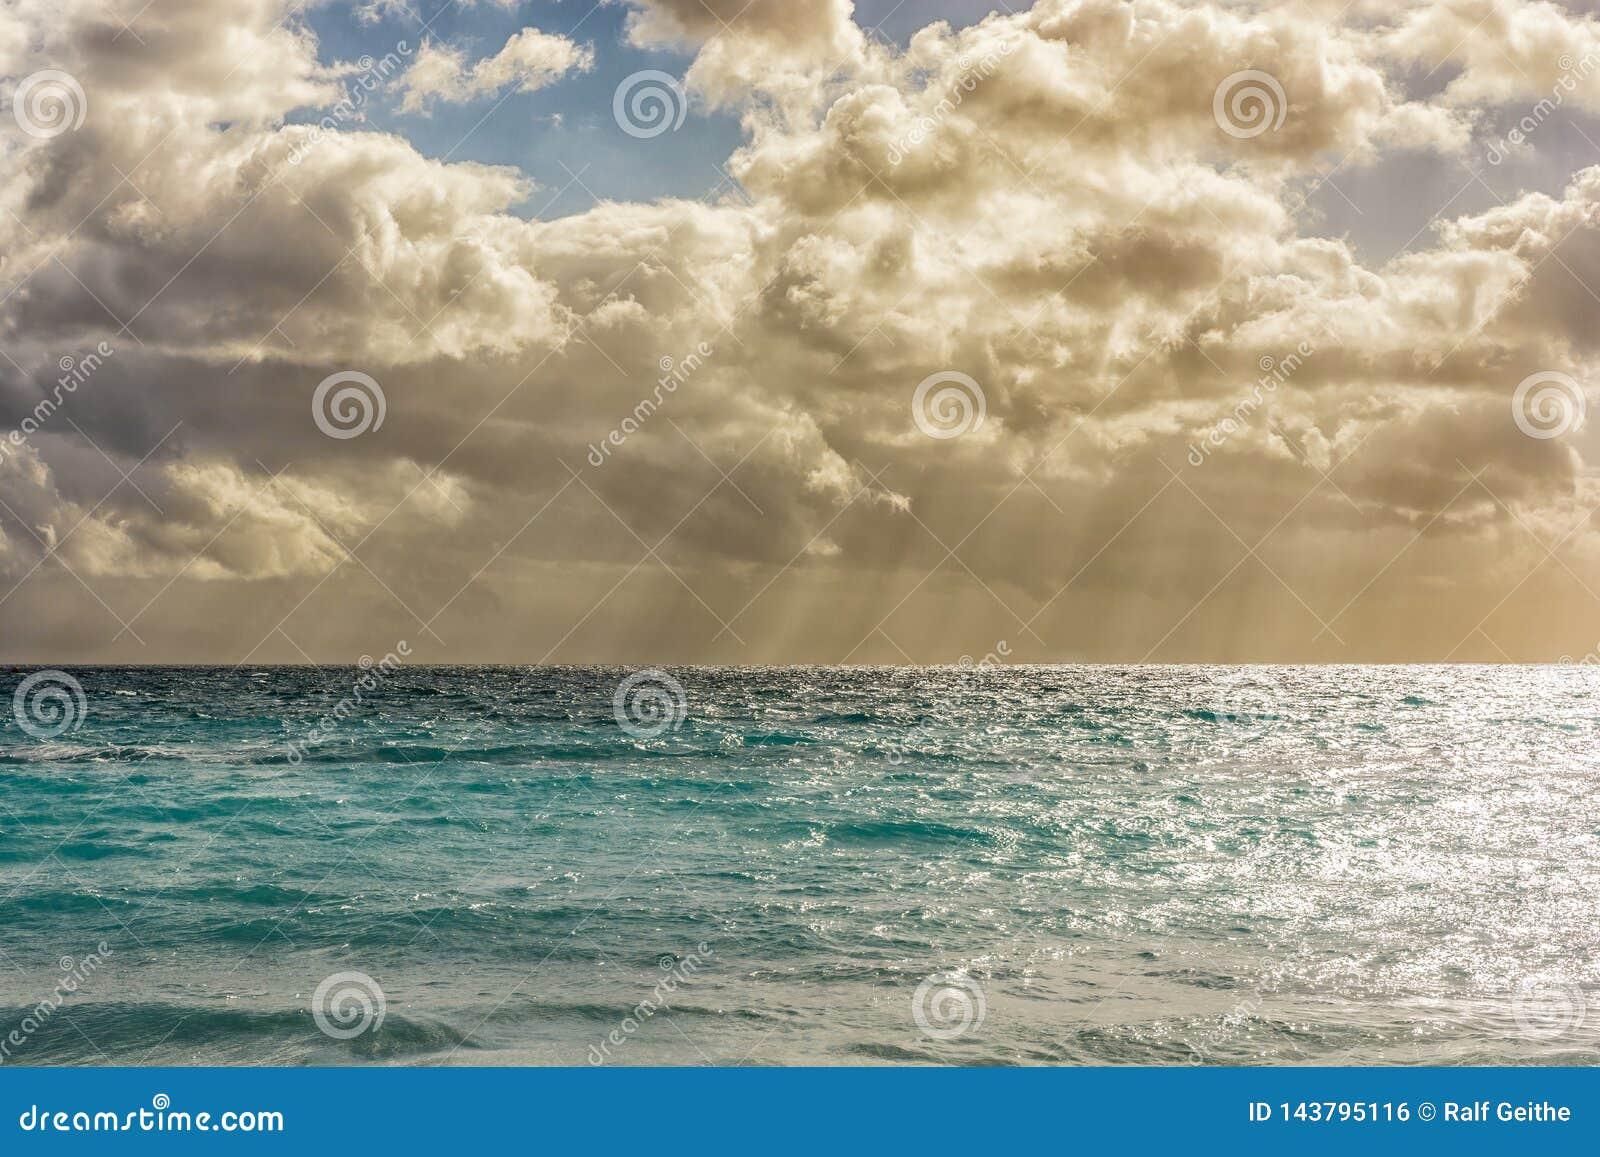 Ευγενής θάλασσα με τα μικρά κύματα και ένας όμορφος νεφελώδης ουρανός με τις ηλιαχτίδες